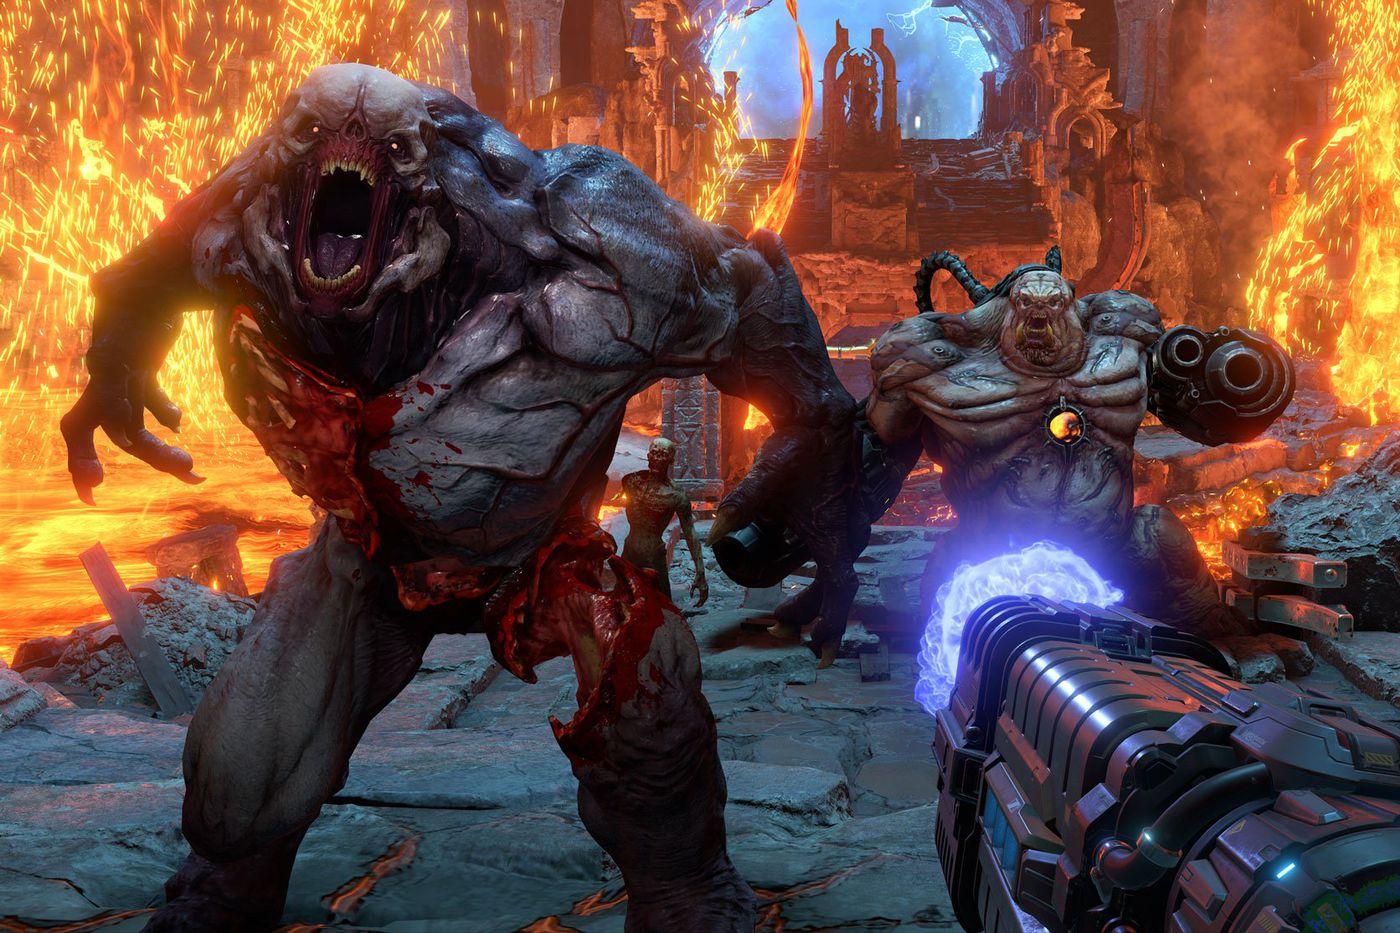 《毁灭战士:永恒》大更新即将到来 新增世界之矛和火星核心关卡